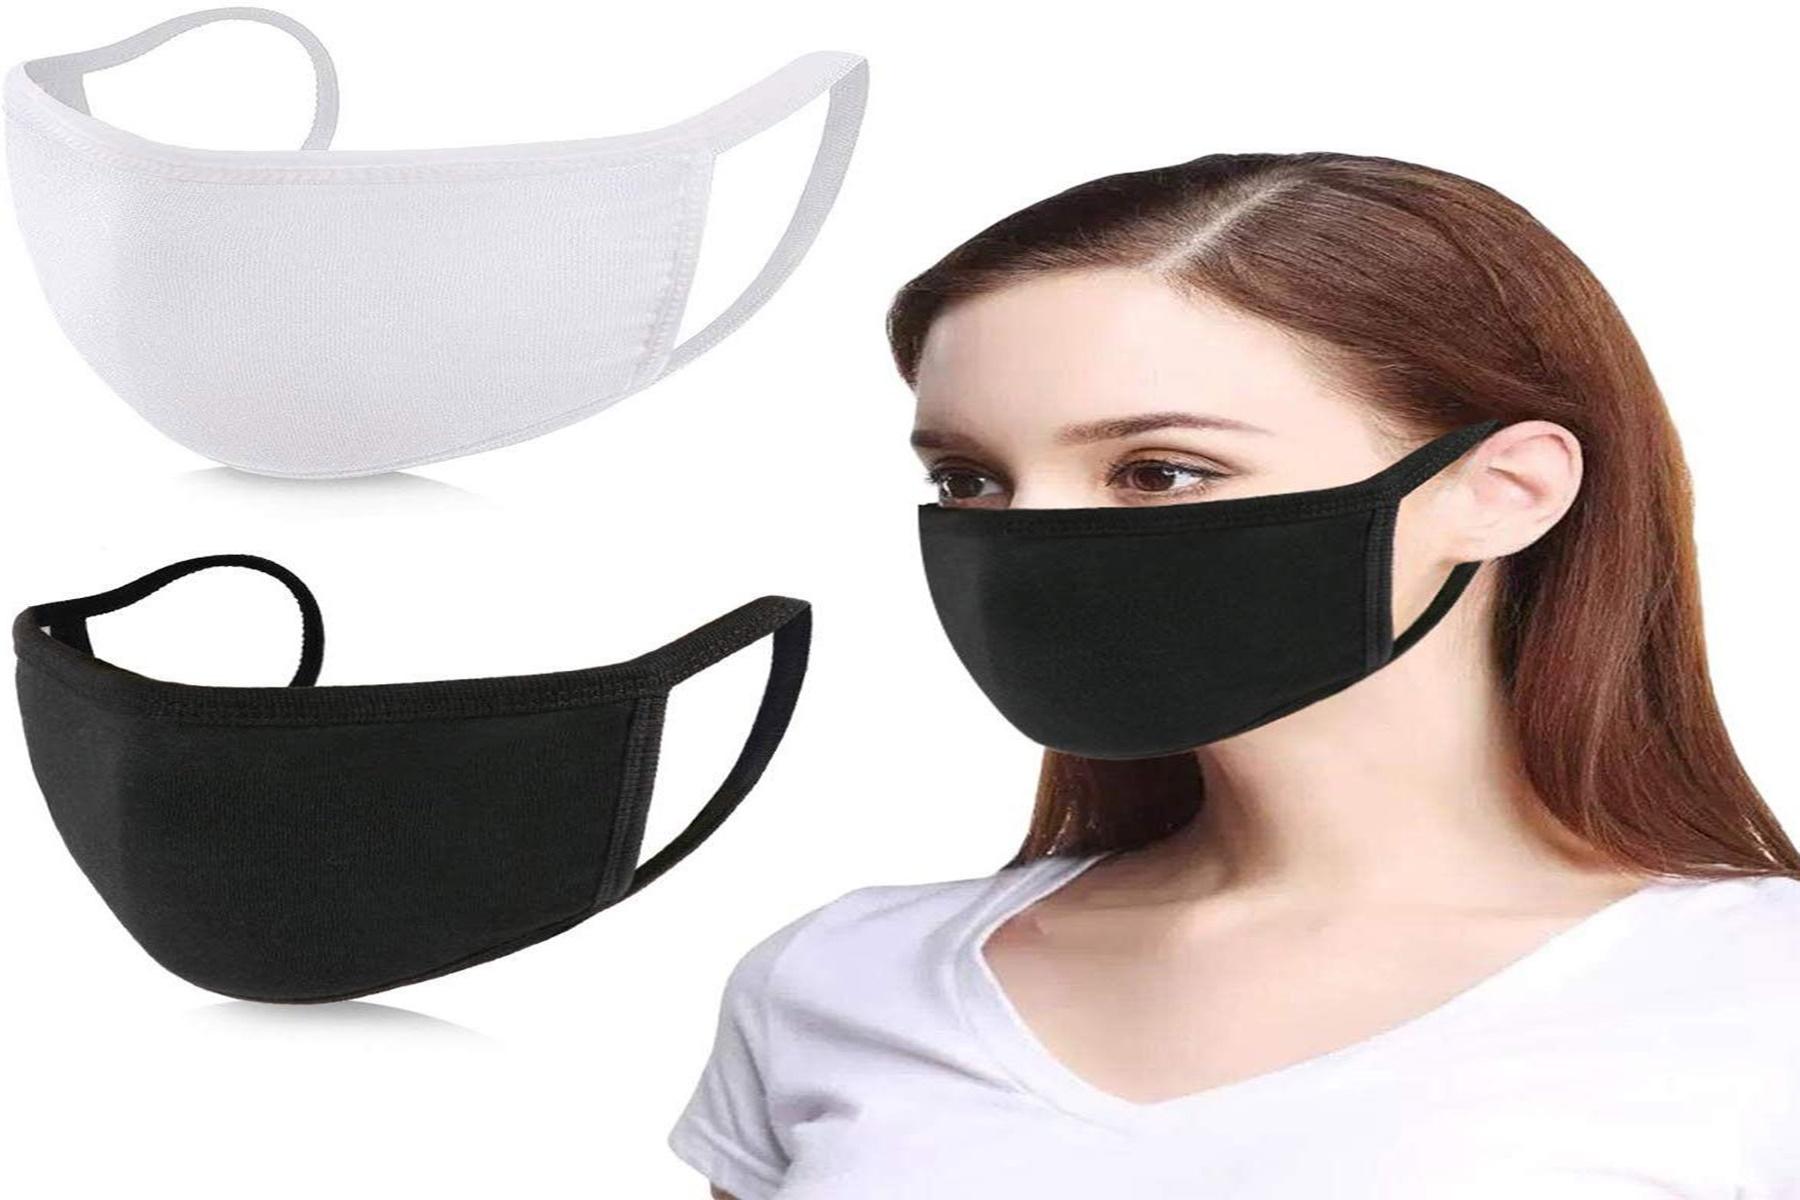 Μάσκες προσώπου : Θεραπεύστε την ακμή που προκαλούν